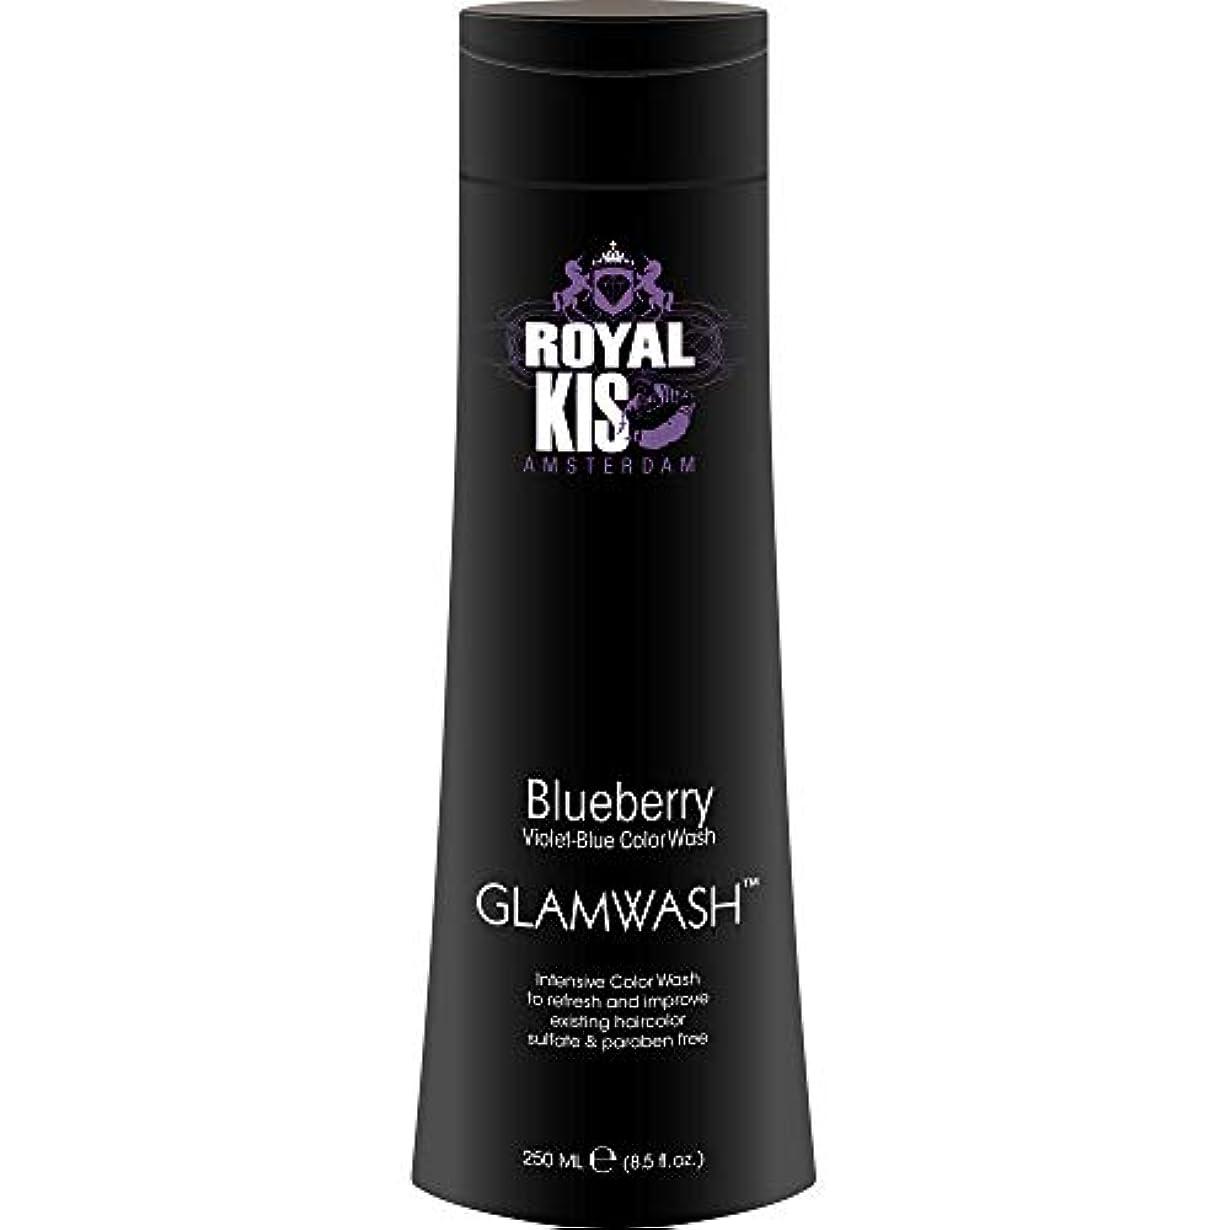 脆いグループ部族Kappers Kis GlamWash ブルーベリー(バイオレット)-250mlインテンスカラーウォッシュ